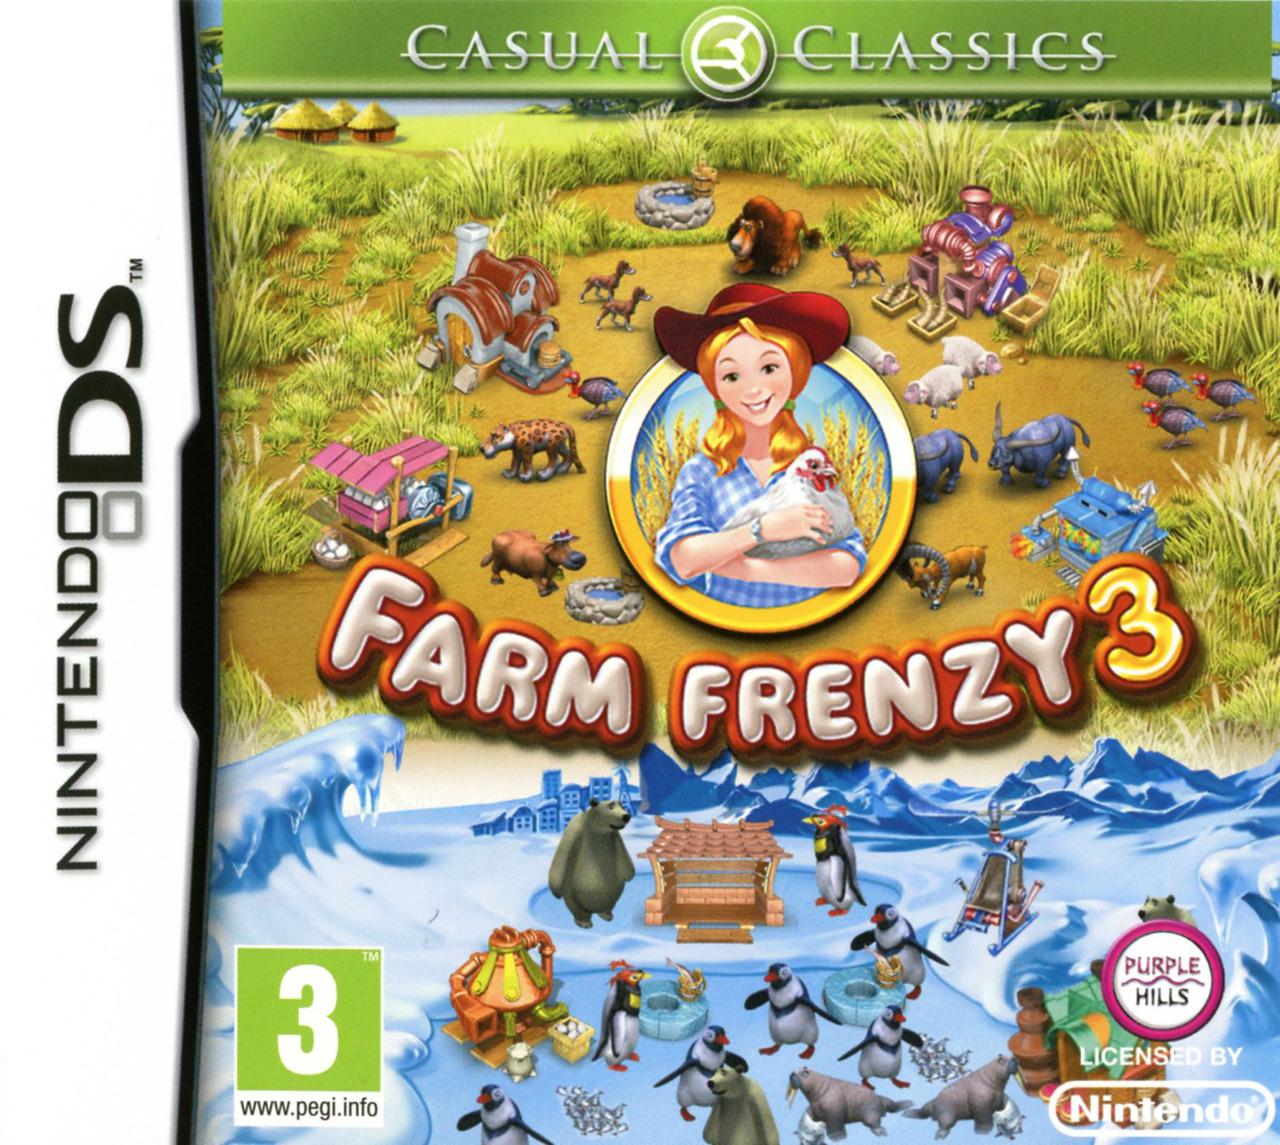 jeuxvideo.com Farm Frenzy 3 - Nintendo DS Image 1 sur 31